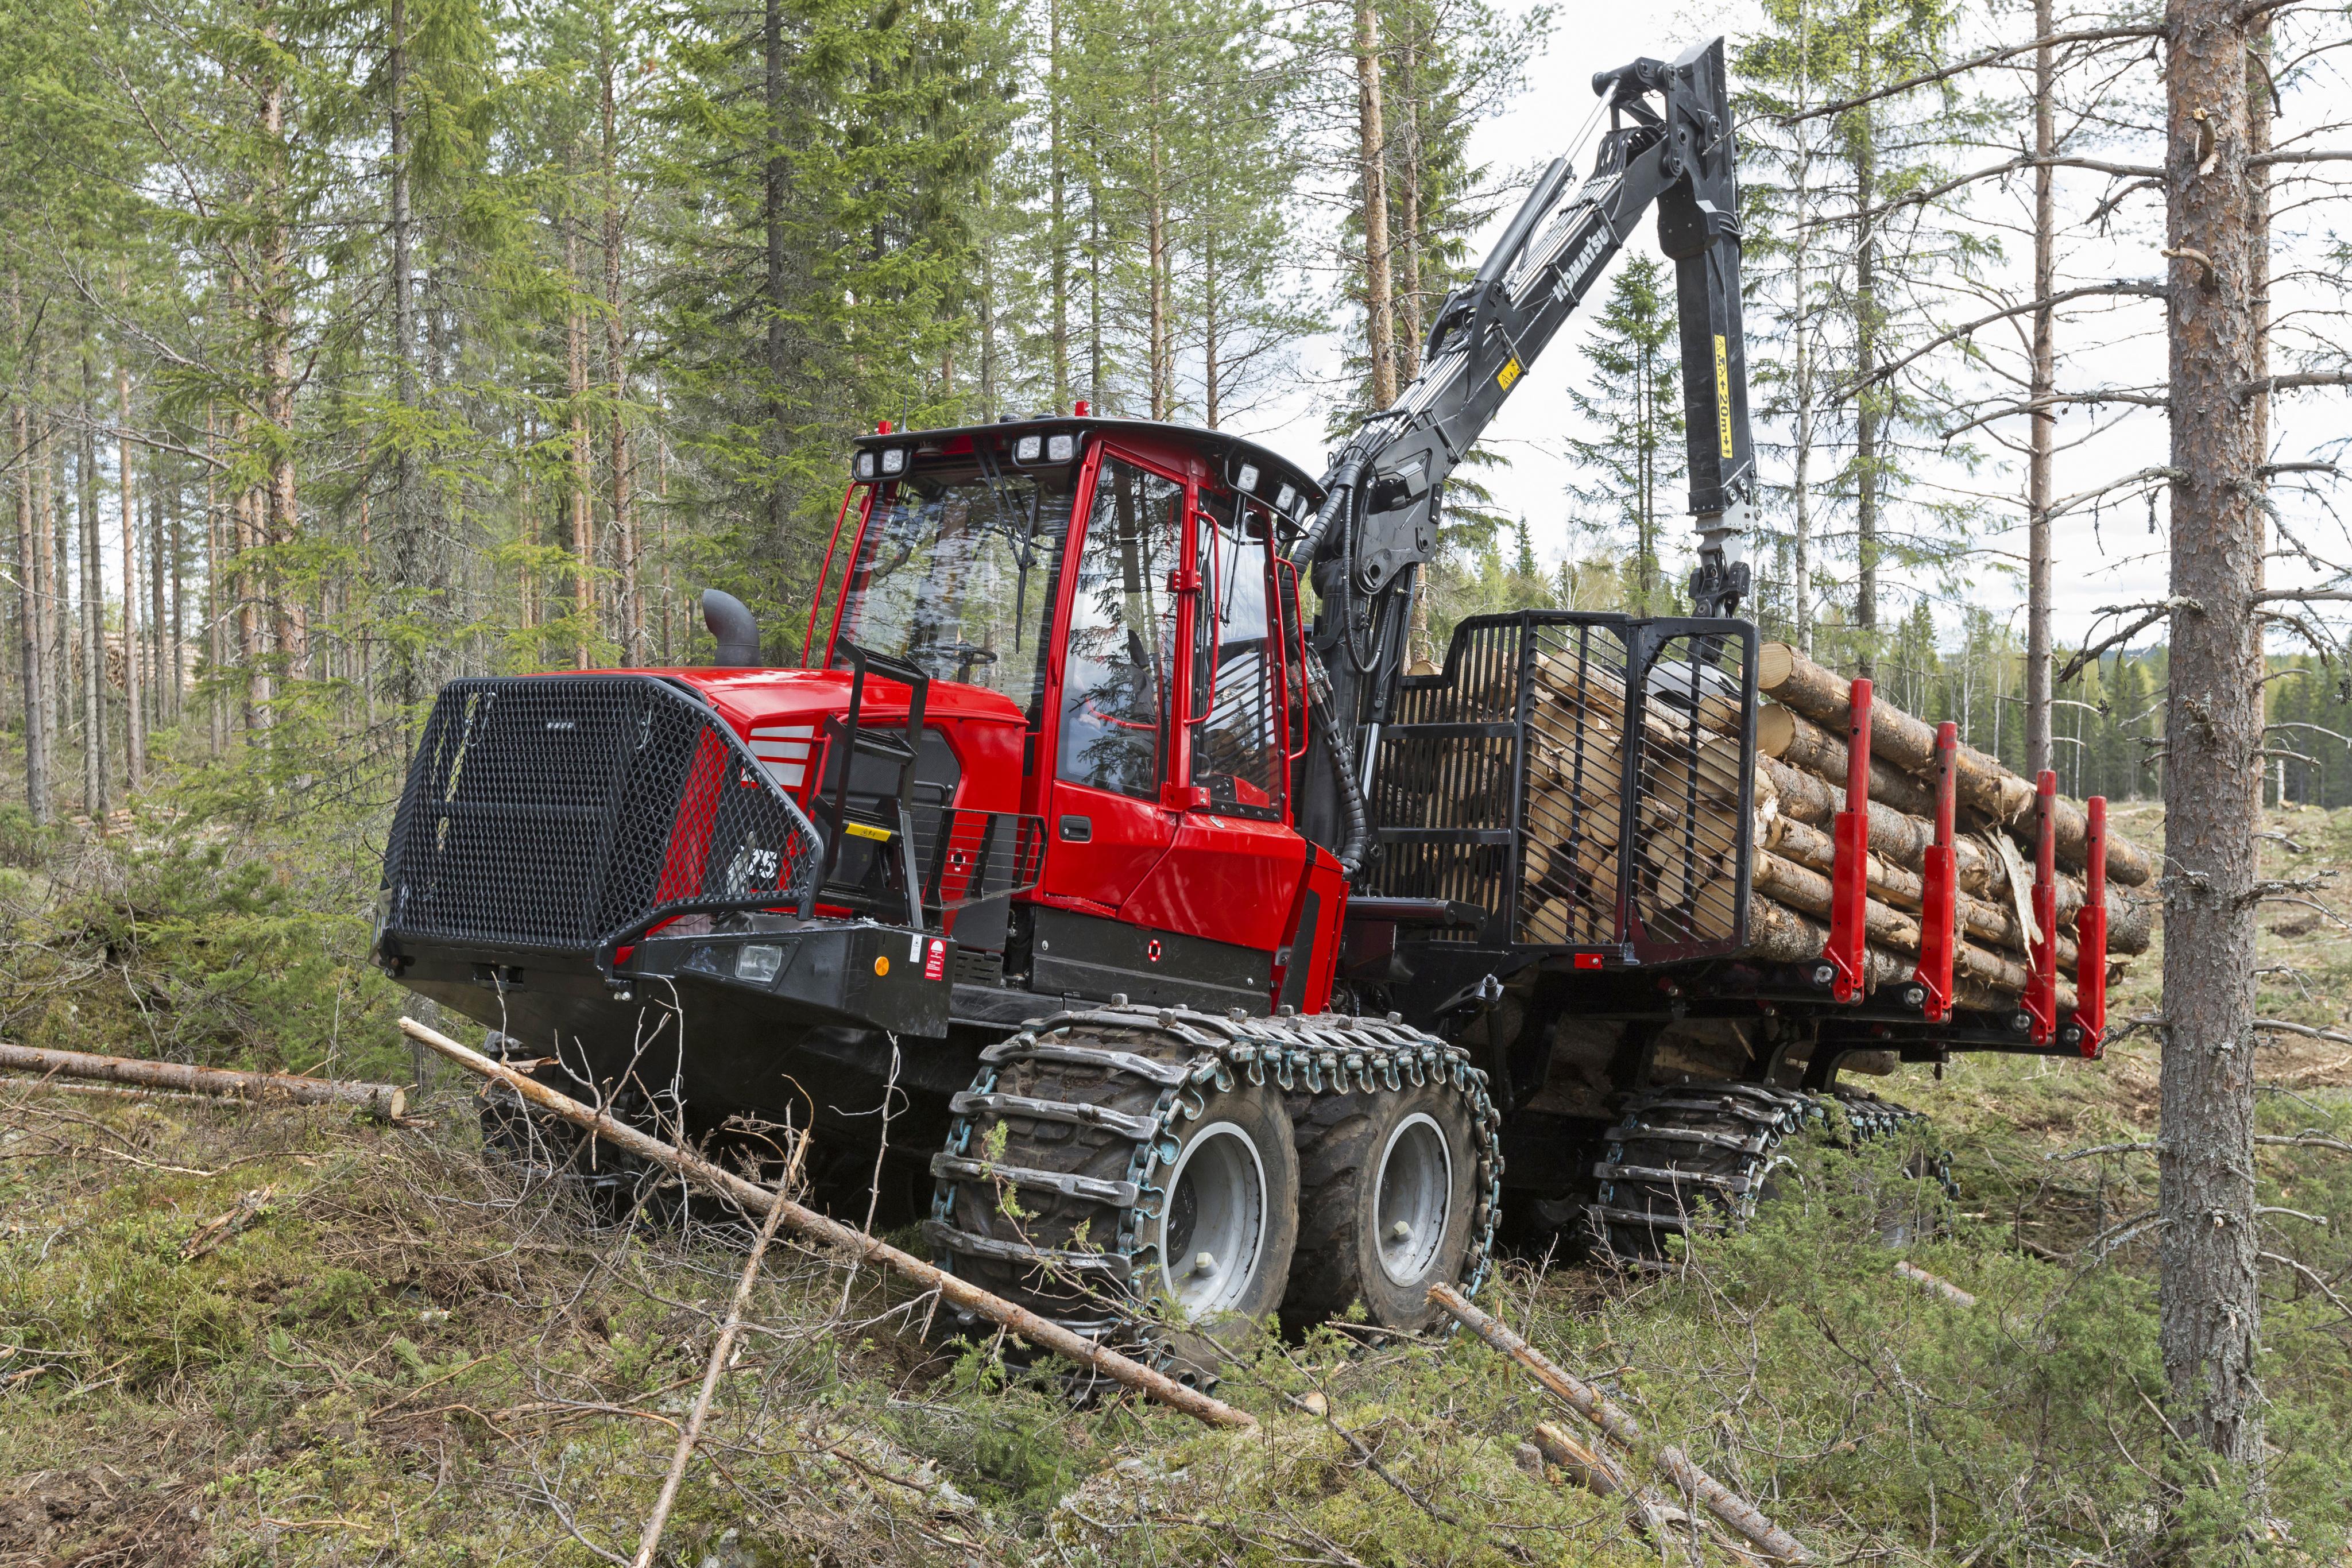 Фото Форвардер 2016-17 Komatsu 875 Бревна лес бревно Леса